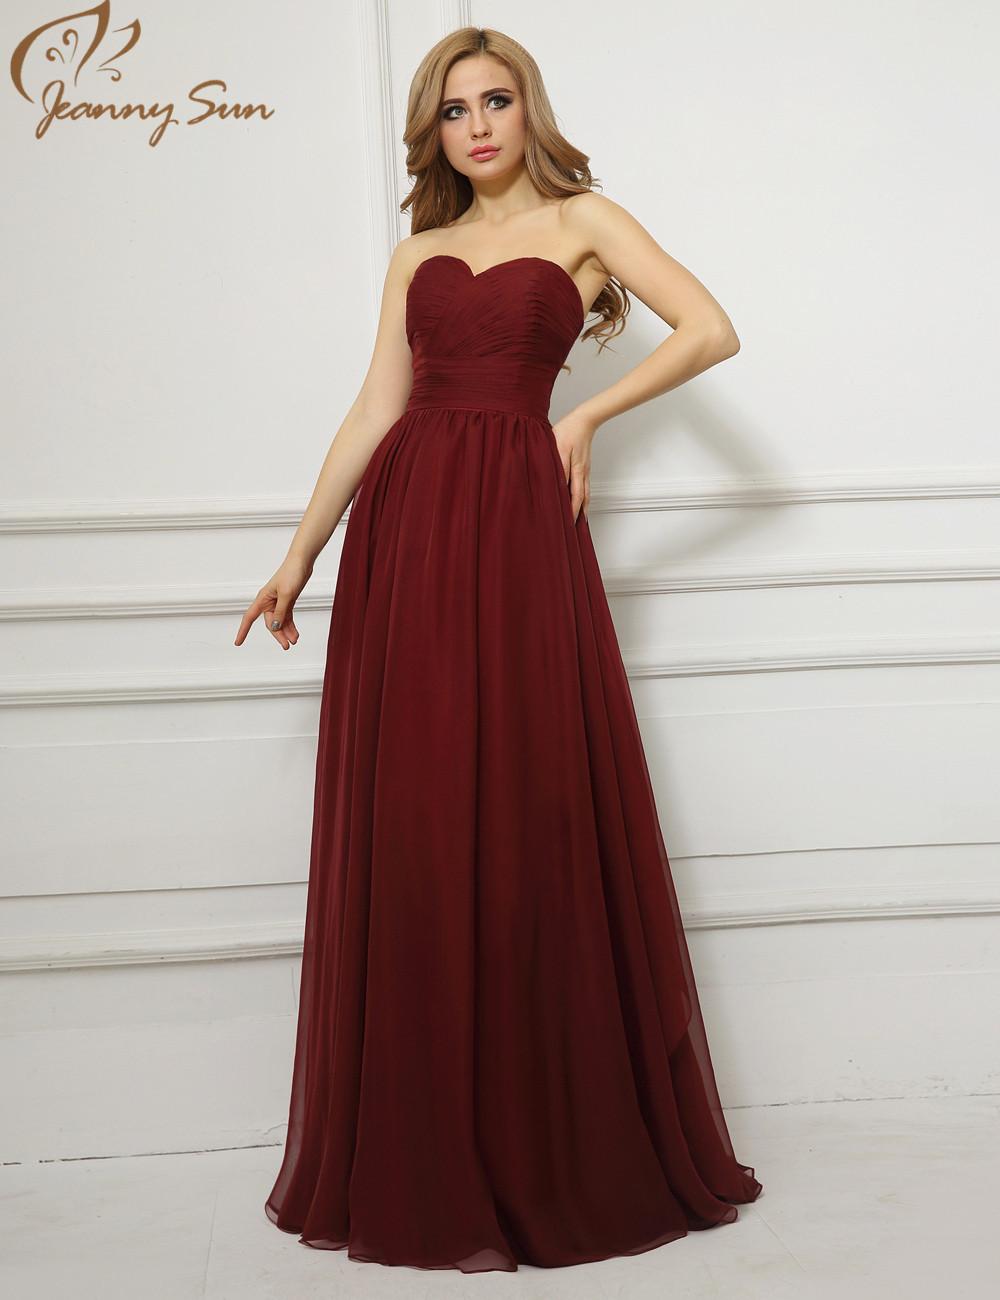 Vestidos noche vino tinto gasa una línea barato largo robe soiree 2015 imágenes reales Sweetheart vestido de partido del envío libre JS780 en Vestidos de